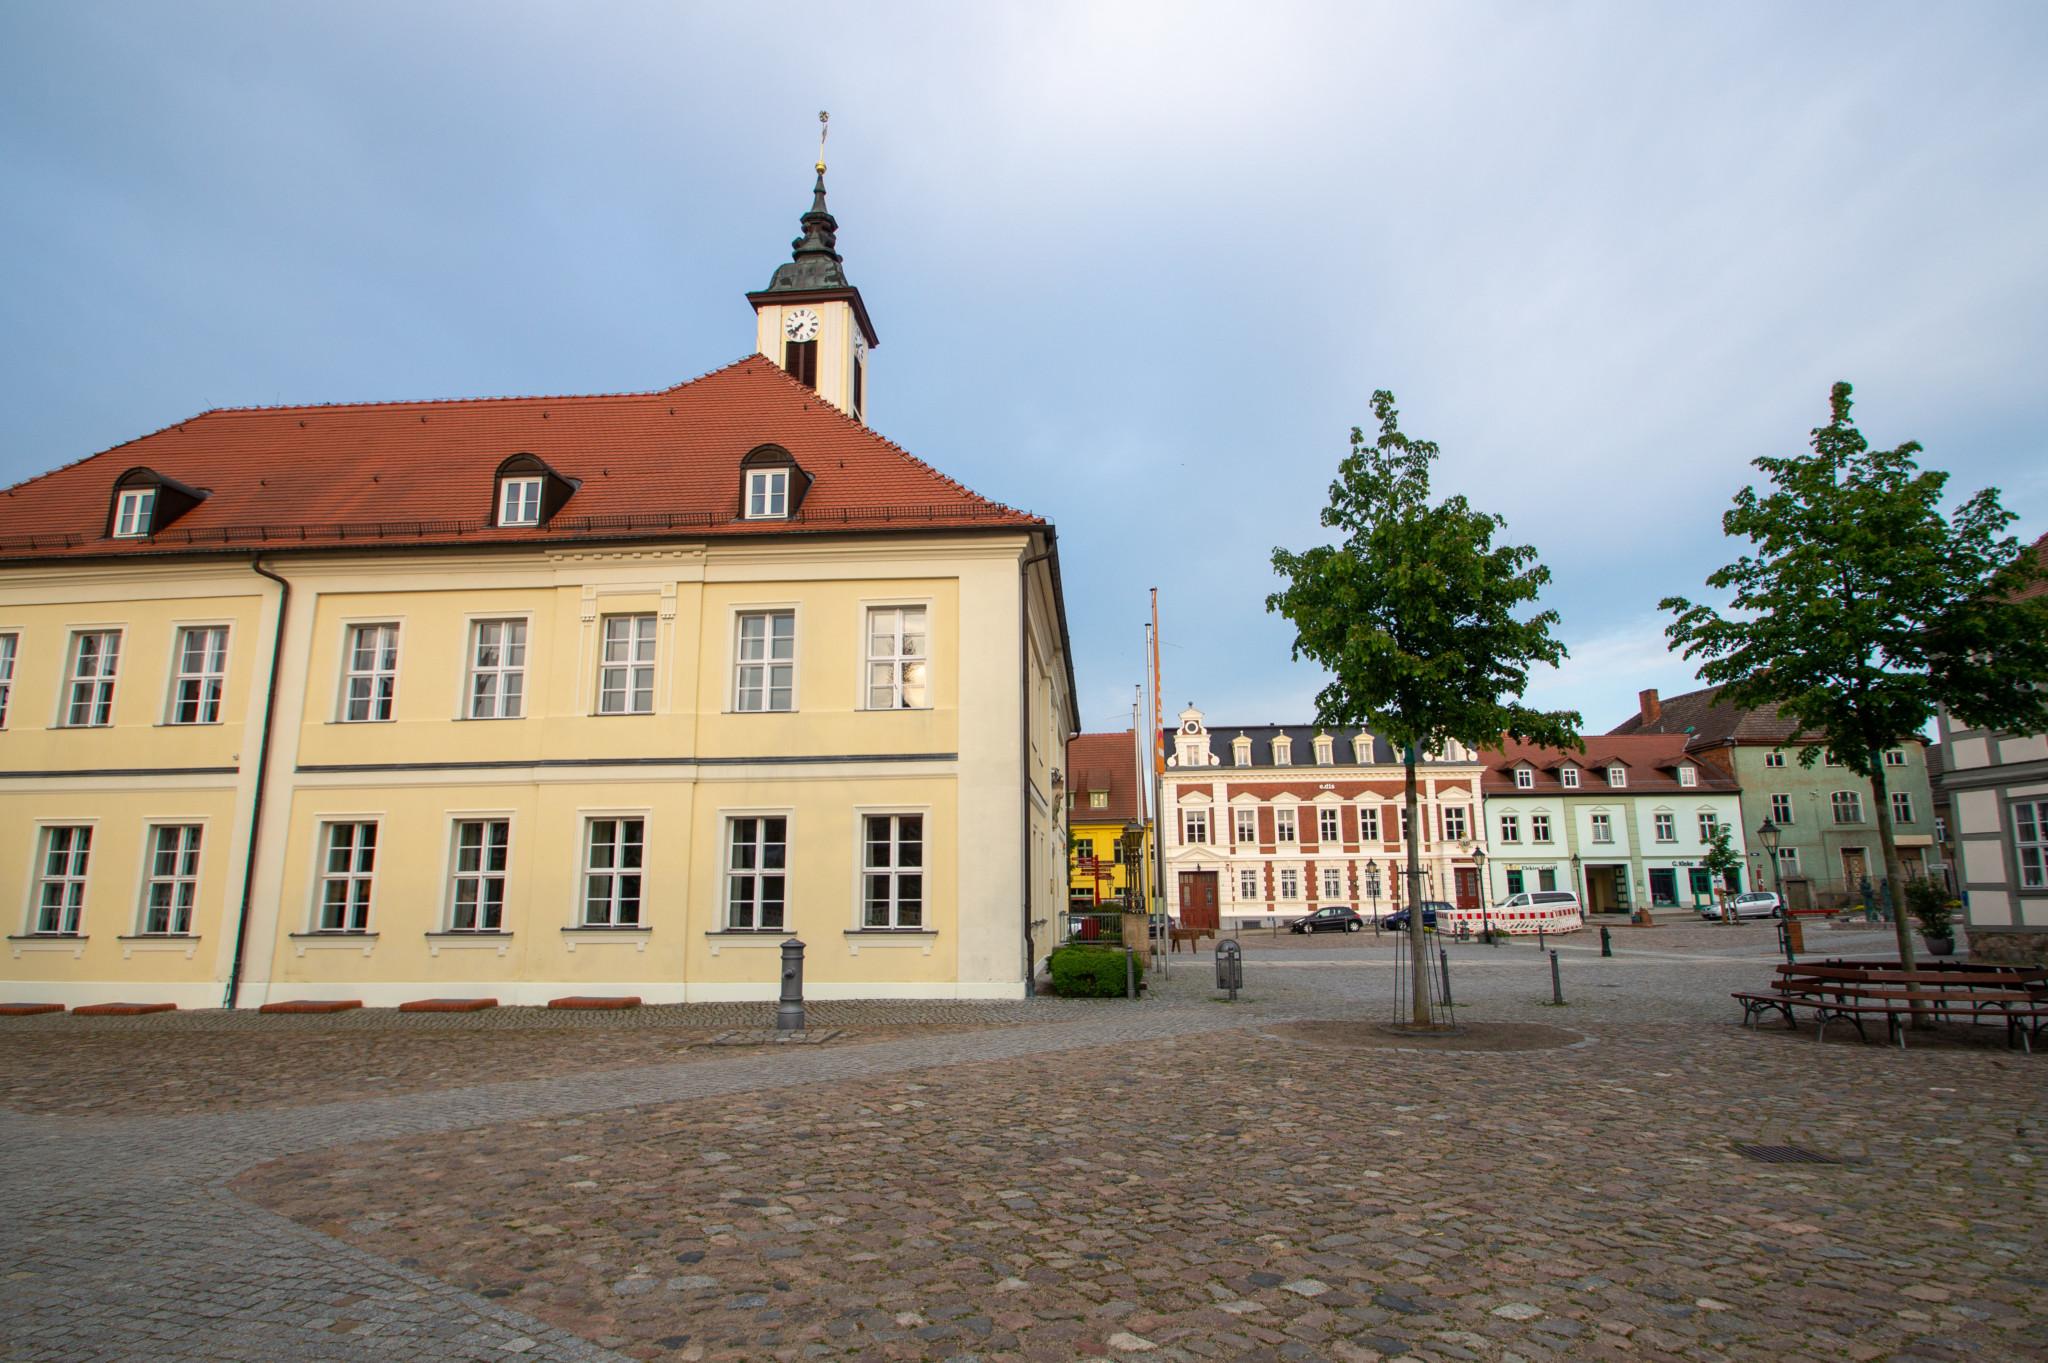 Rathausplatz in Angermünde